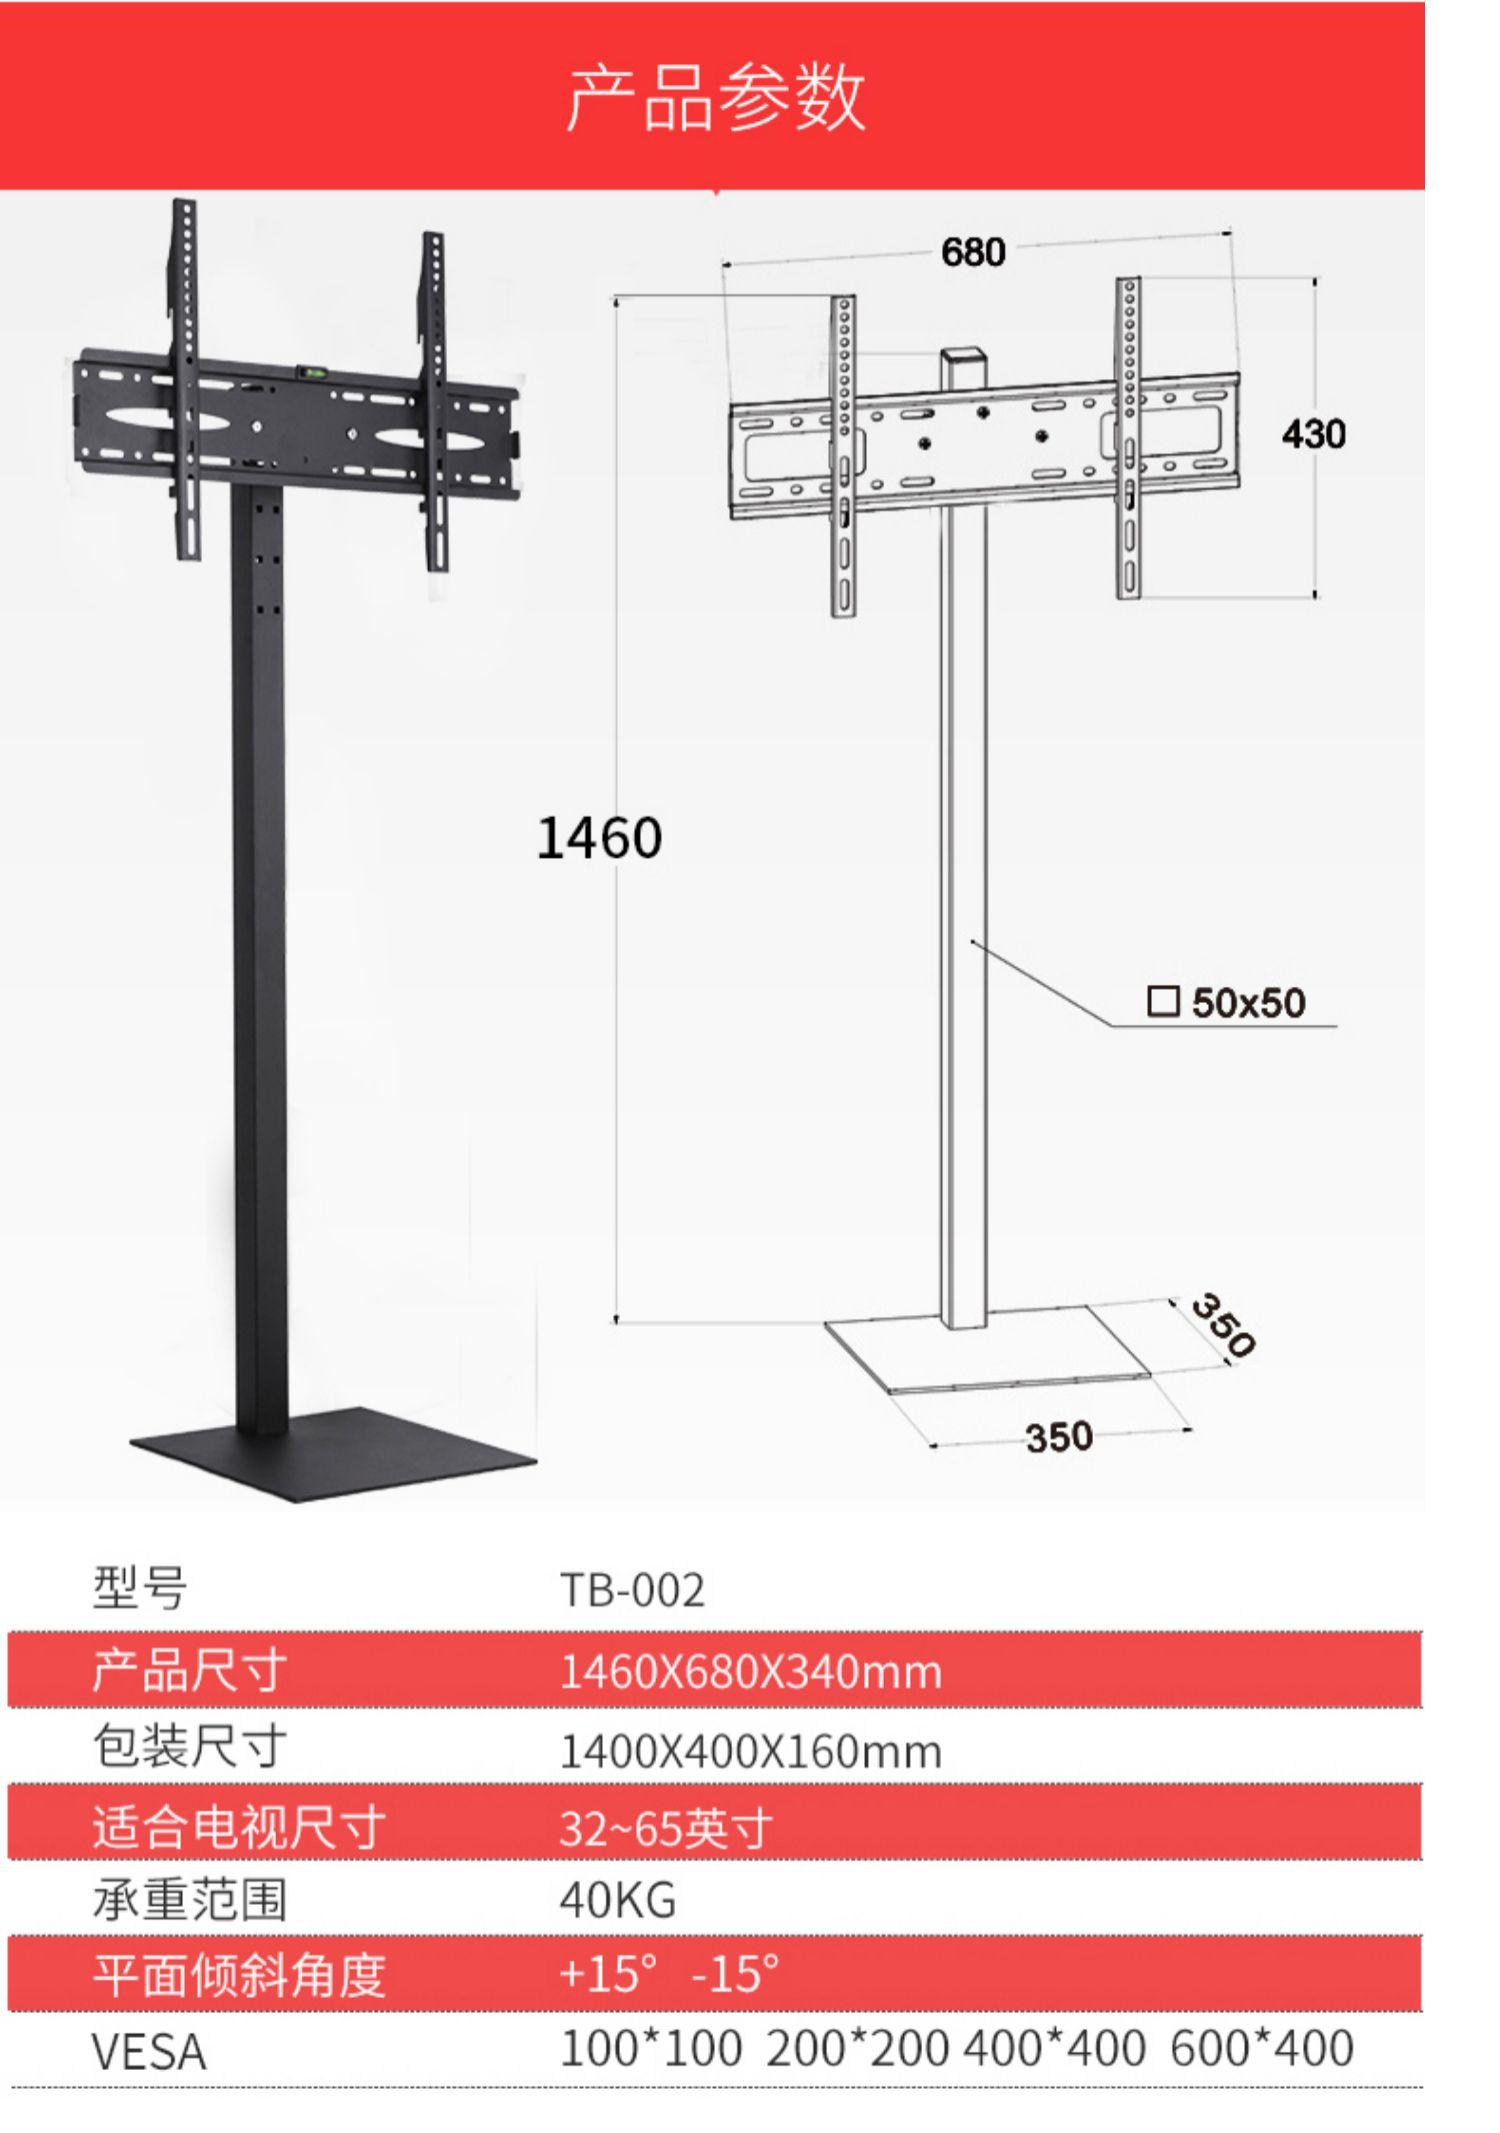 隐形电视机挂架子落地式支架底座移动免打孔显示器小米海信万能商品详情图